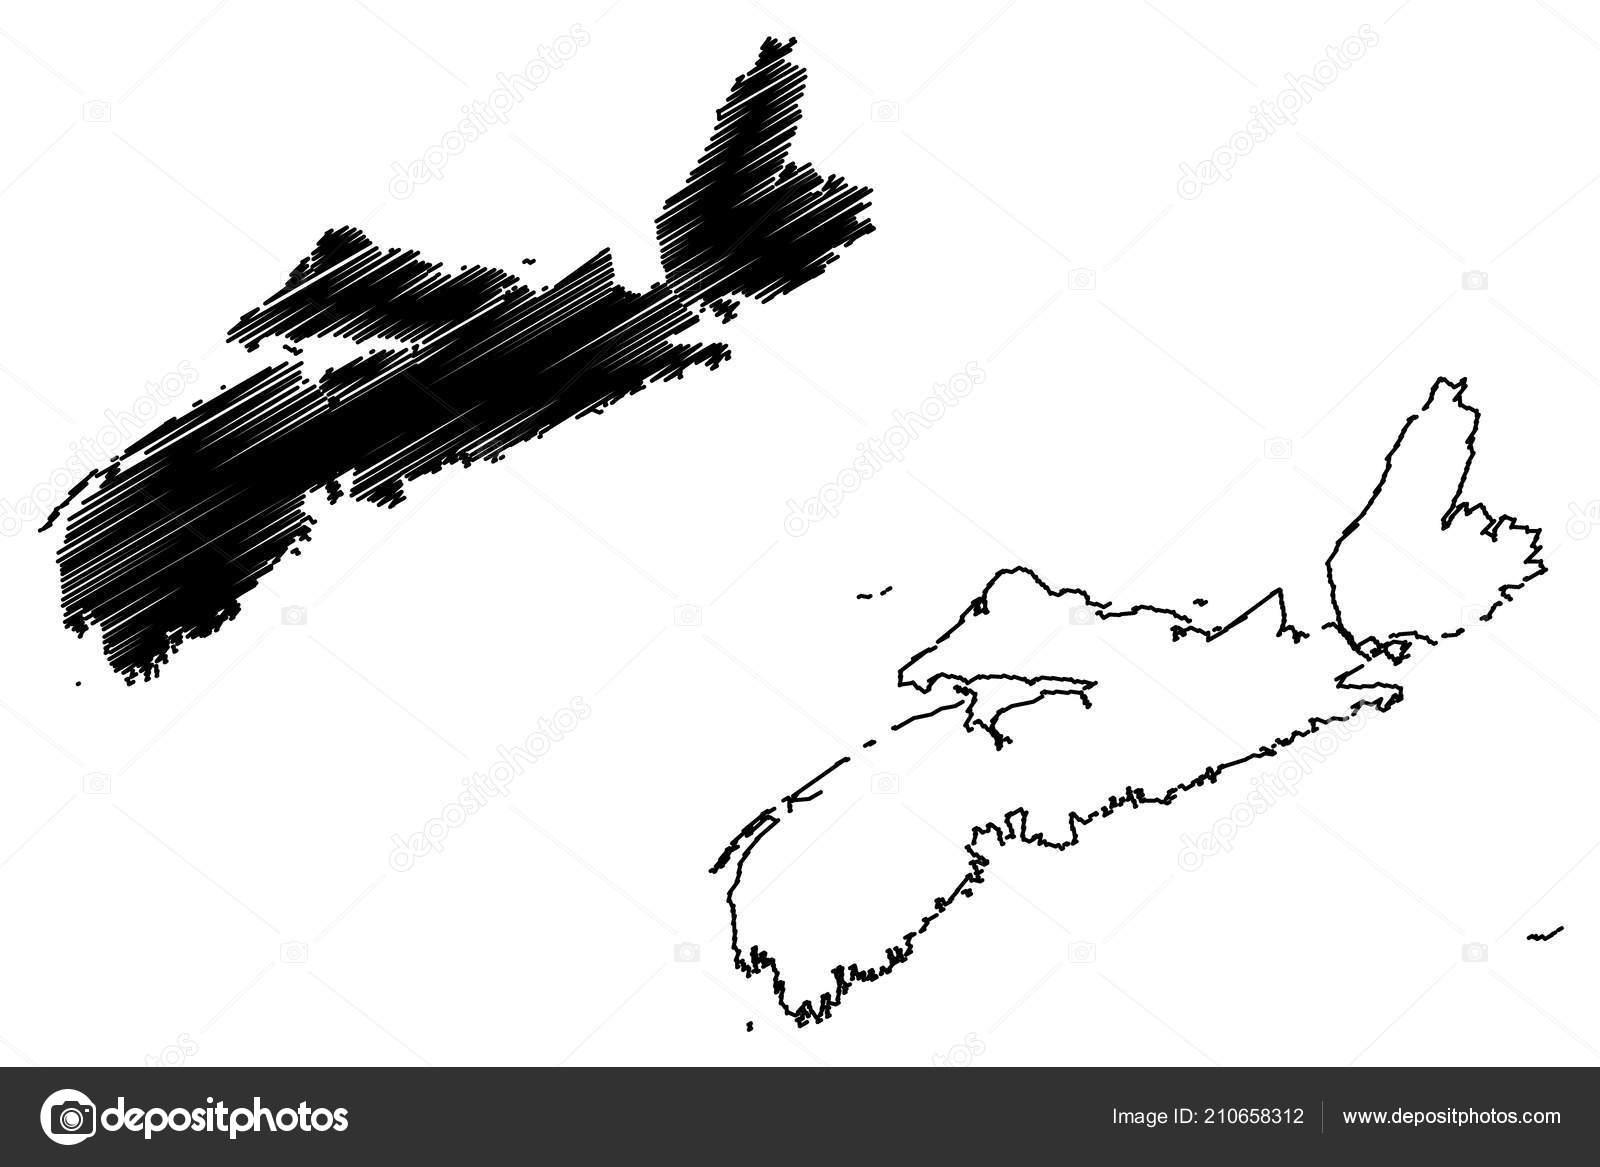 Provinces And Territories Of Canada Map.Nova Scotia Provinces Territories Canada Map Vector Illustration